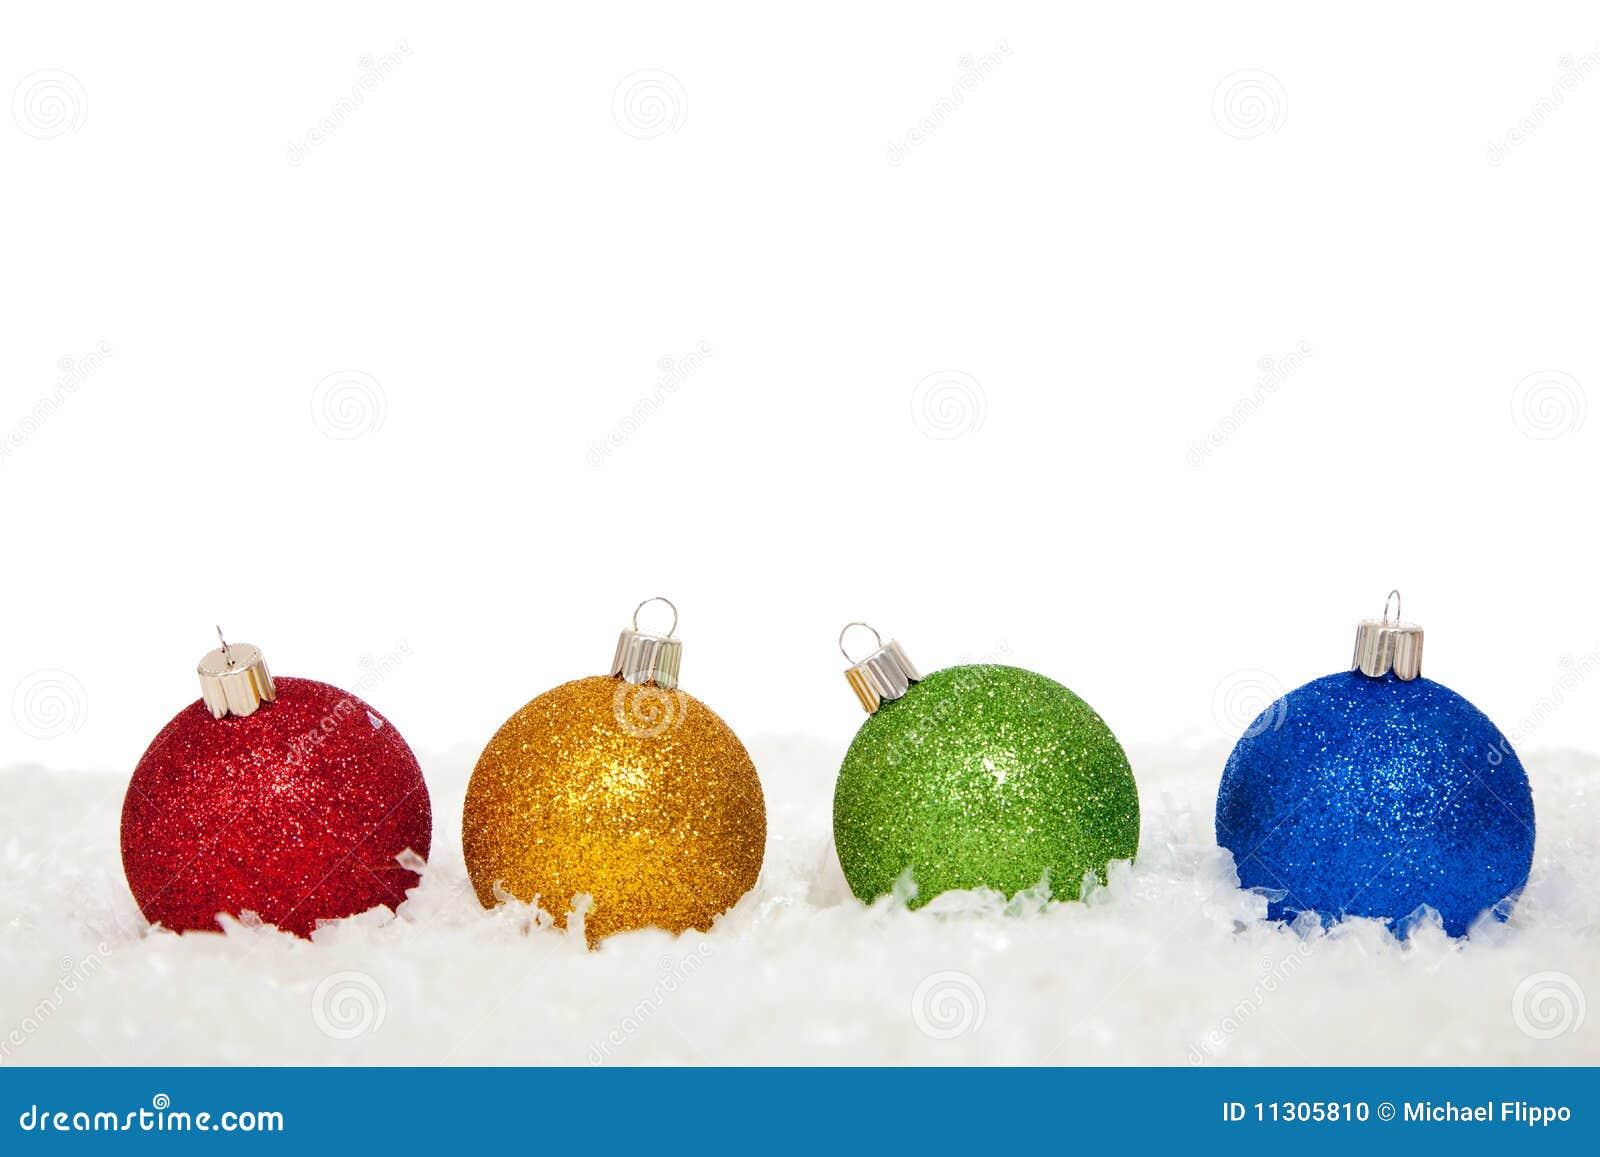 Sortierte farbige Weihnachtsverzierungen im Schnee